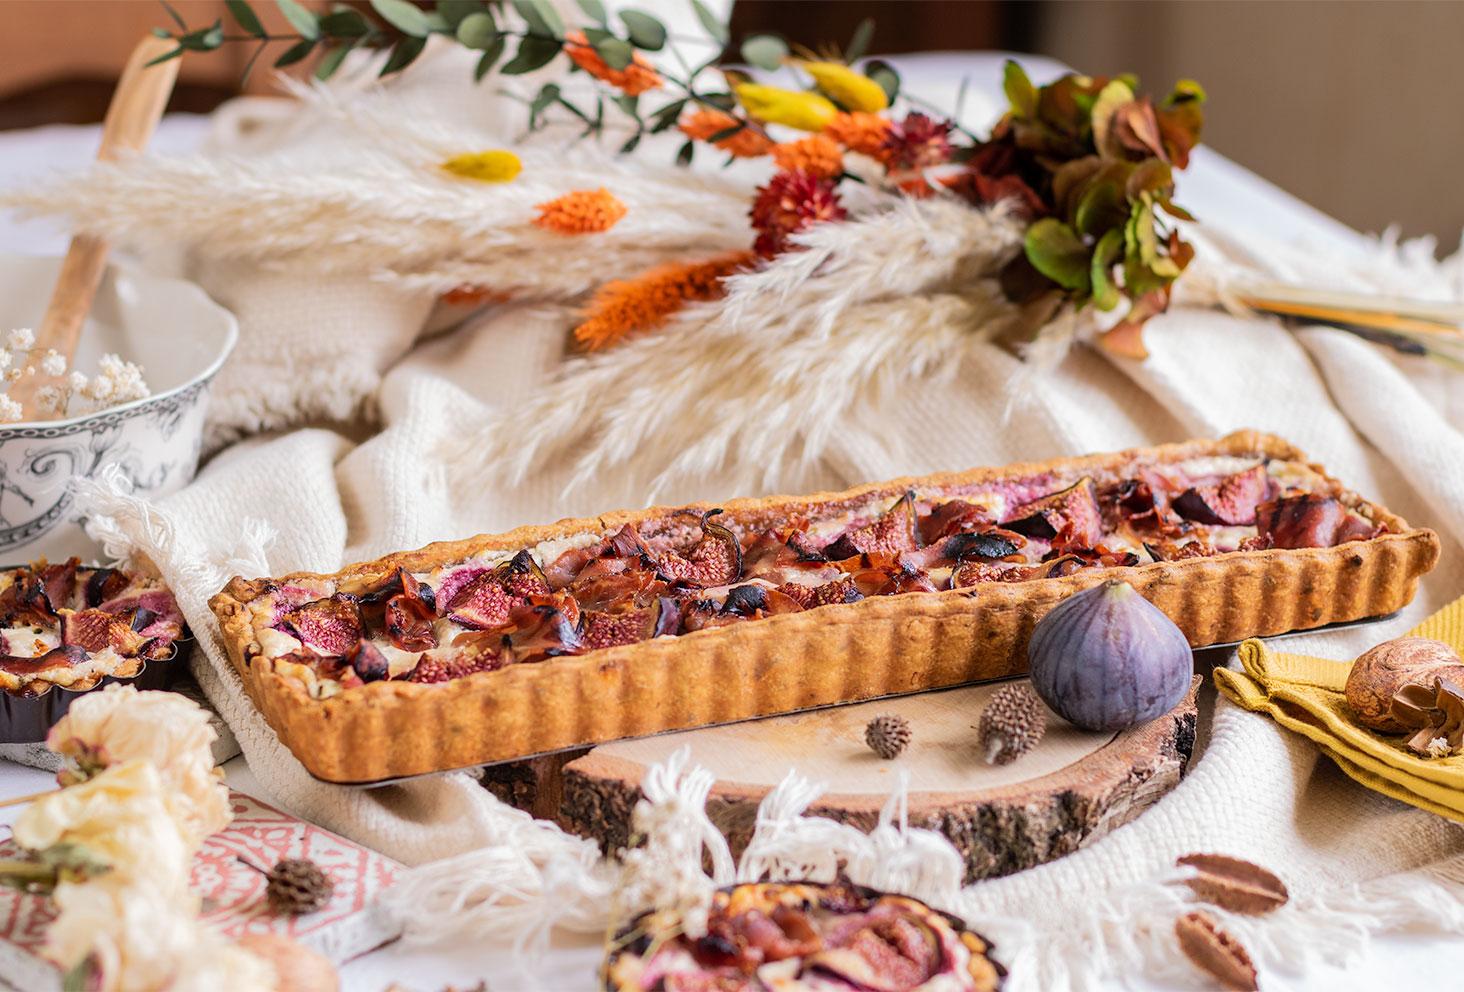 La tarte d'automne aux figues, chèvre frais et jambon, posée sur un rondin de bois au milieu d'un décor automnal